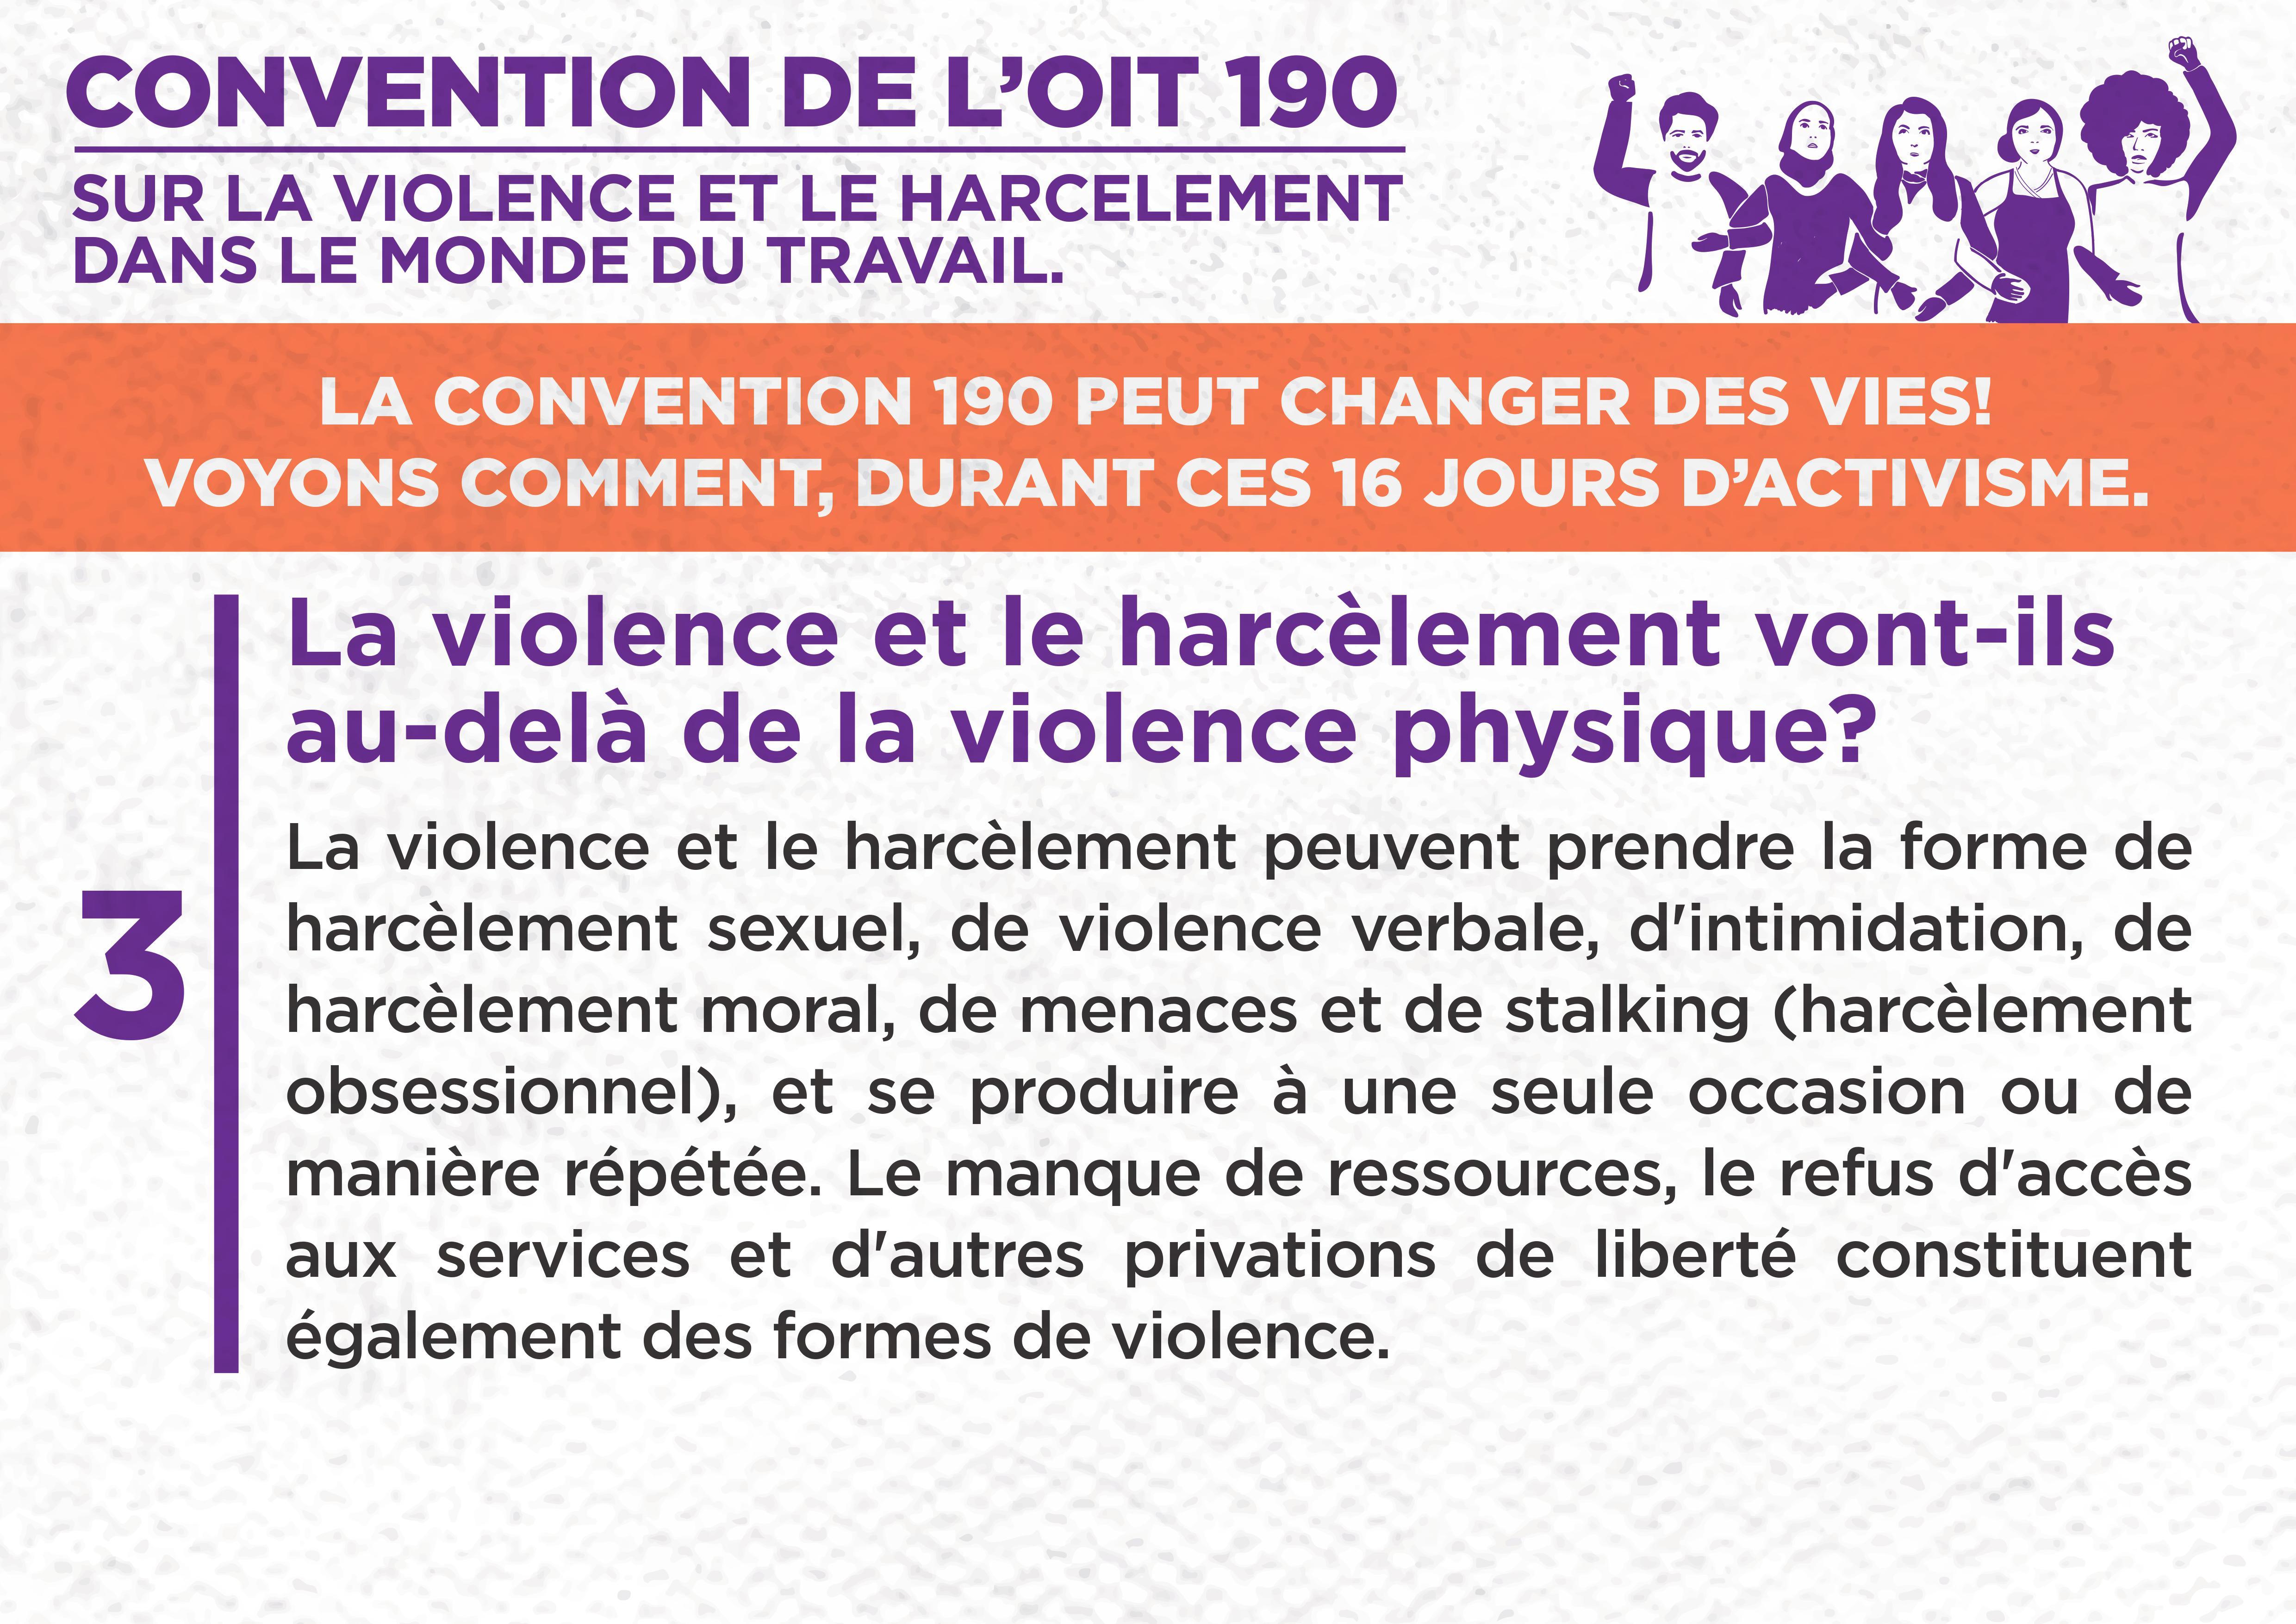 3. La violence et le harcèlement vont-ils au-delà de la violence physique ?